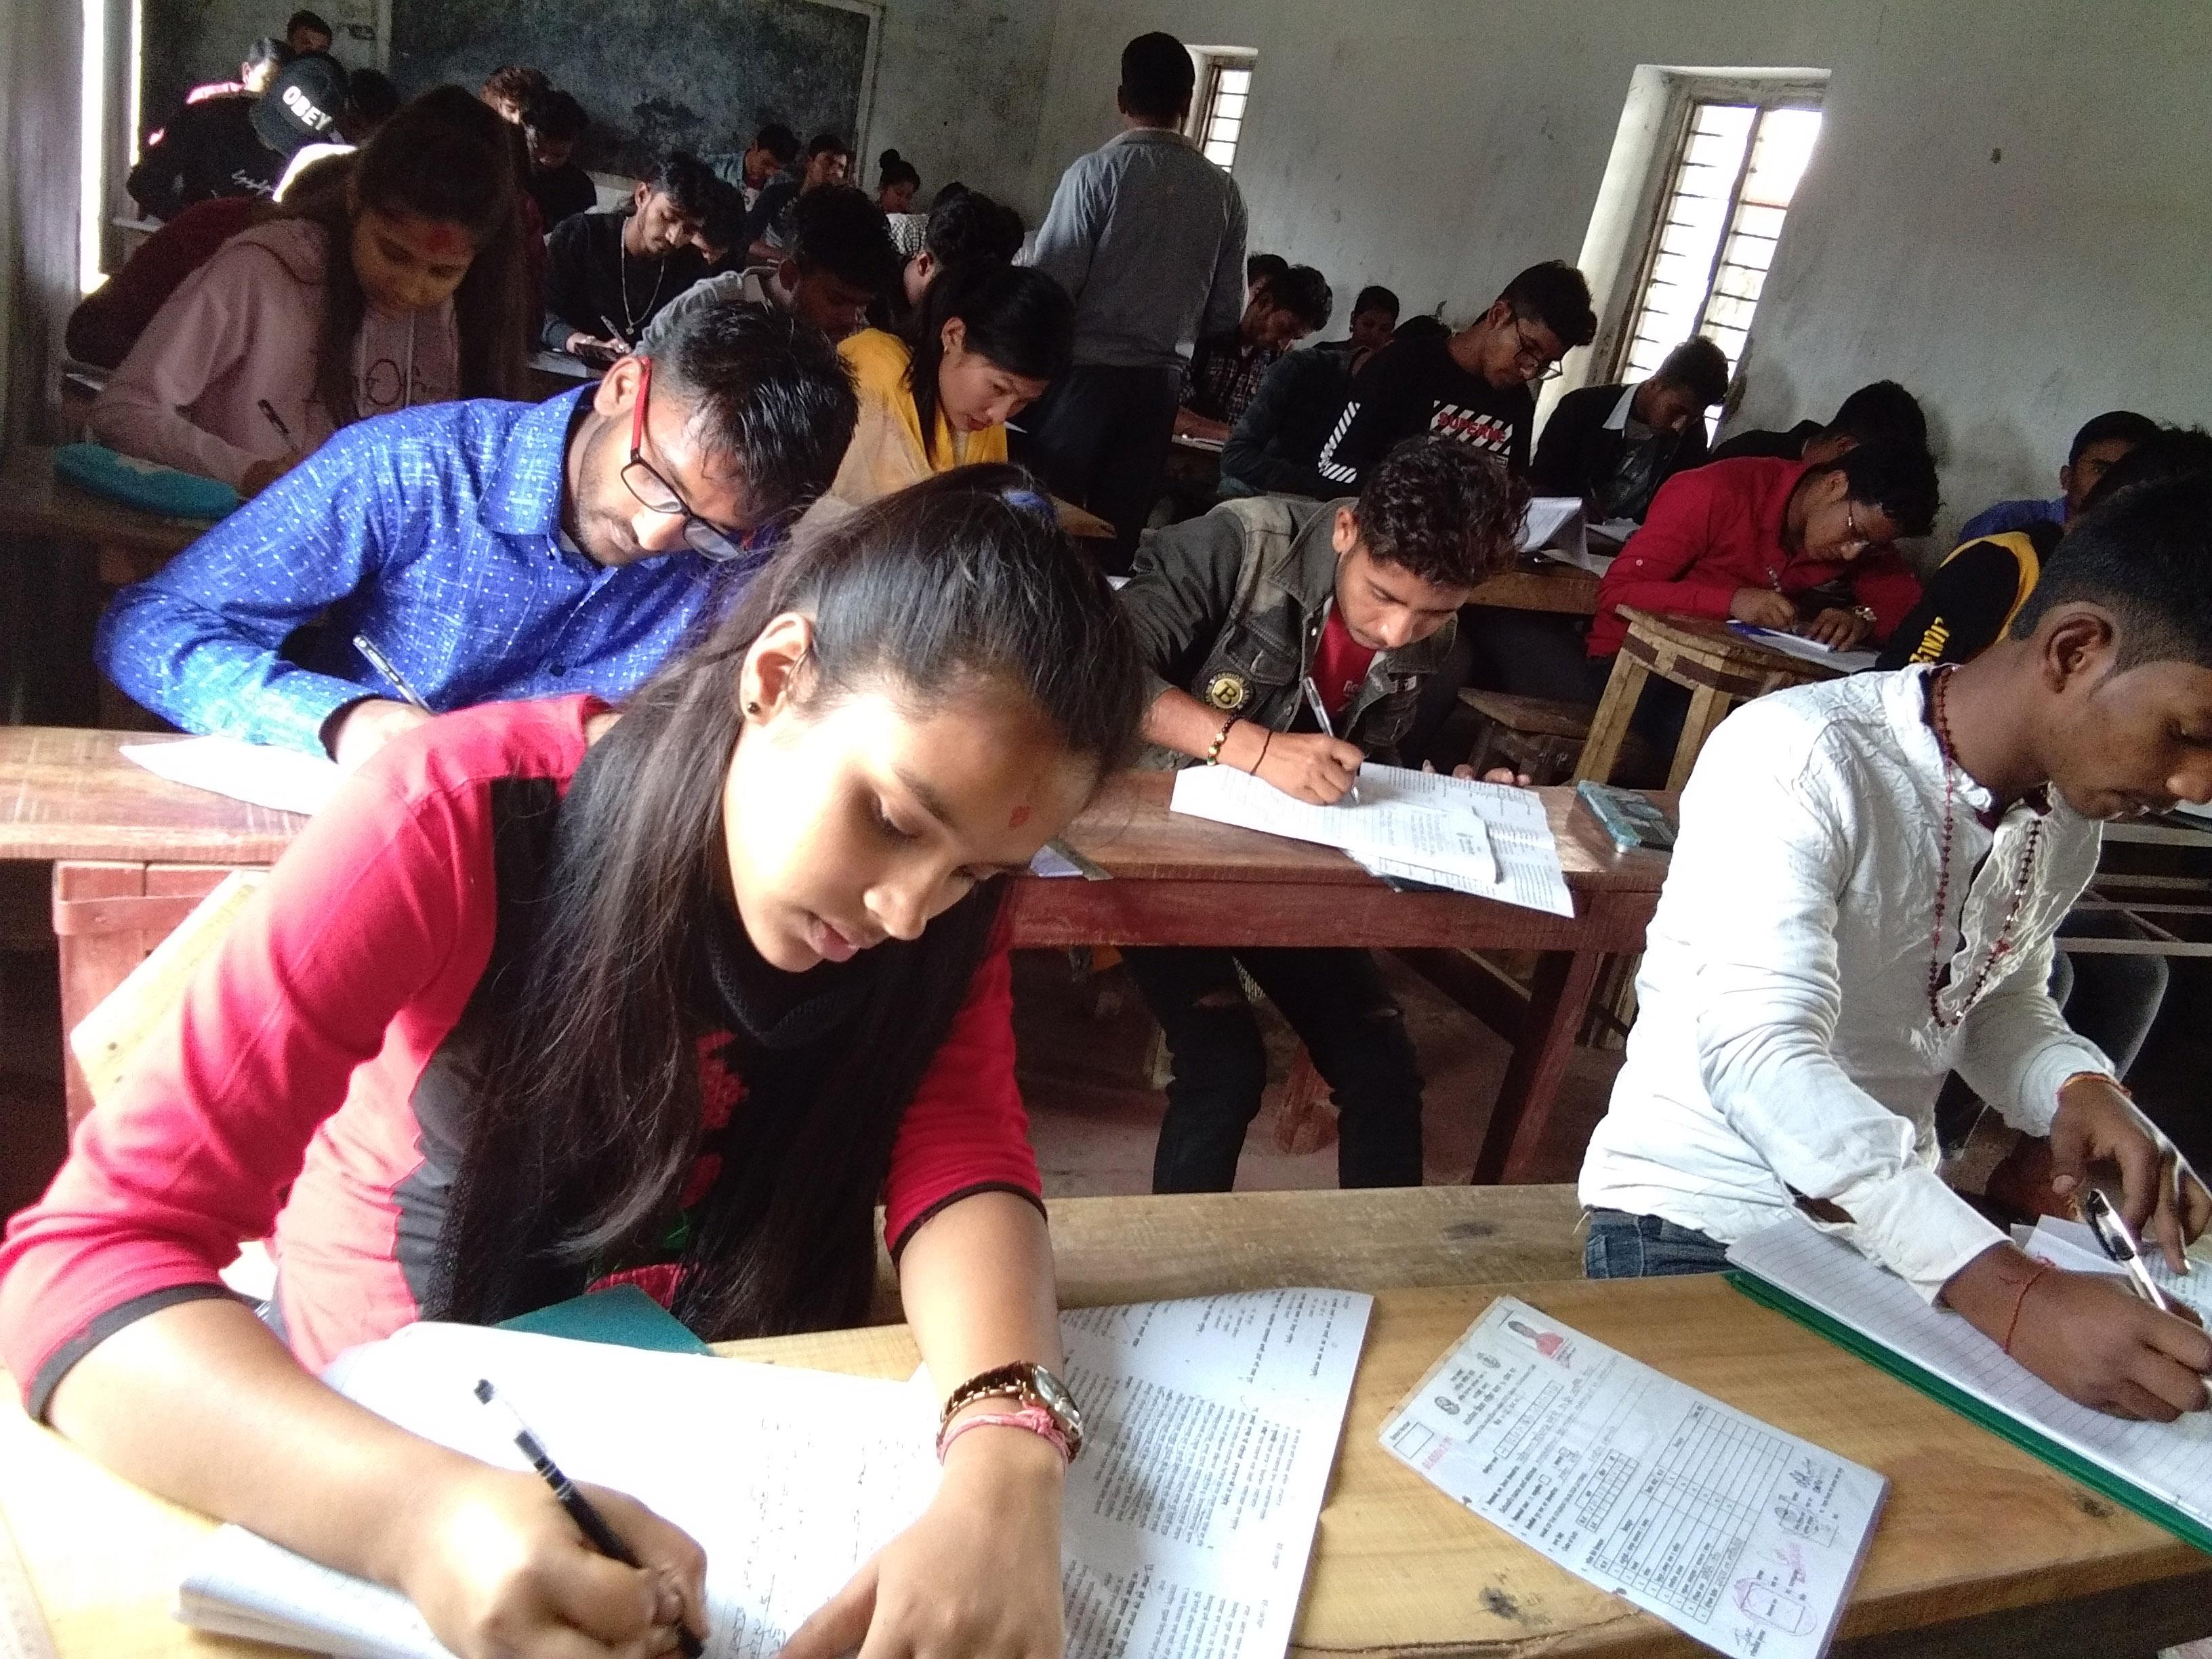 विज्ञान विषयको प्रश्न पत्र बाहिरिदा एसईई परीक्षा रद्द